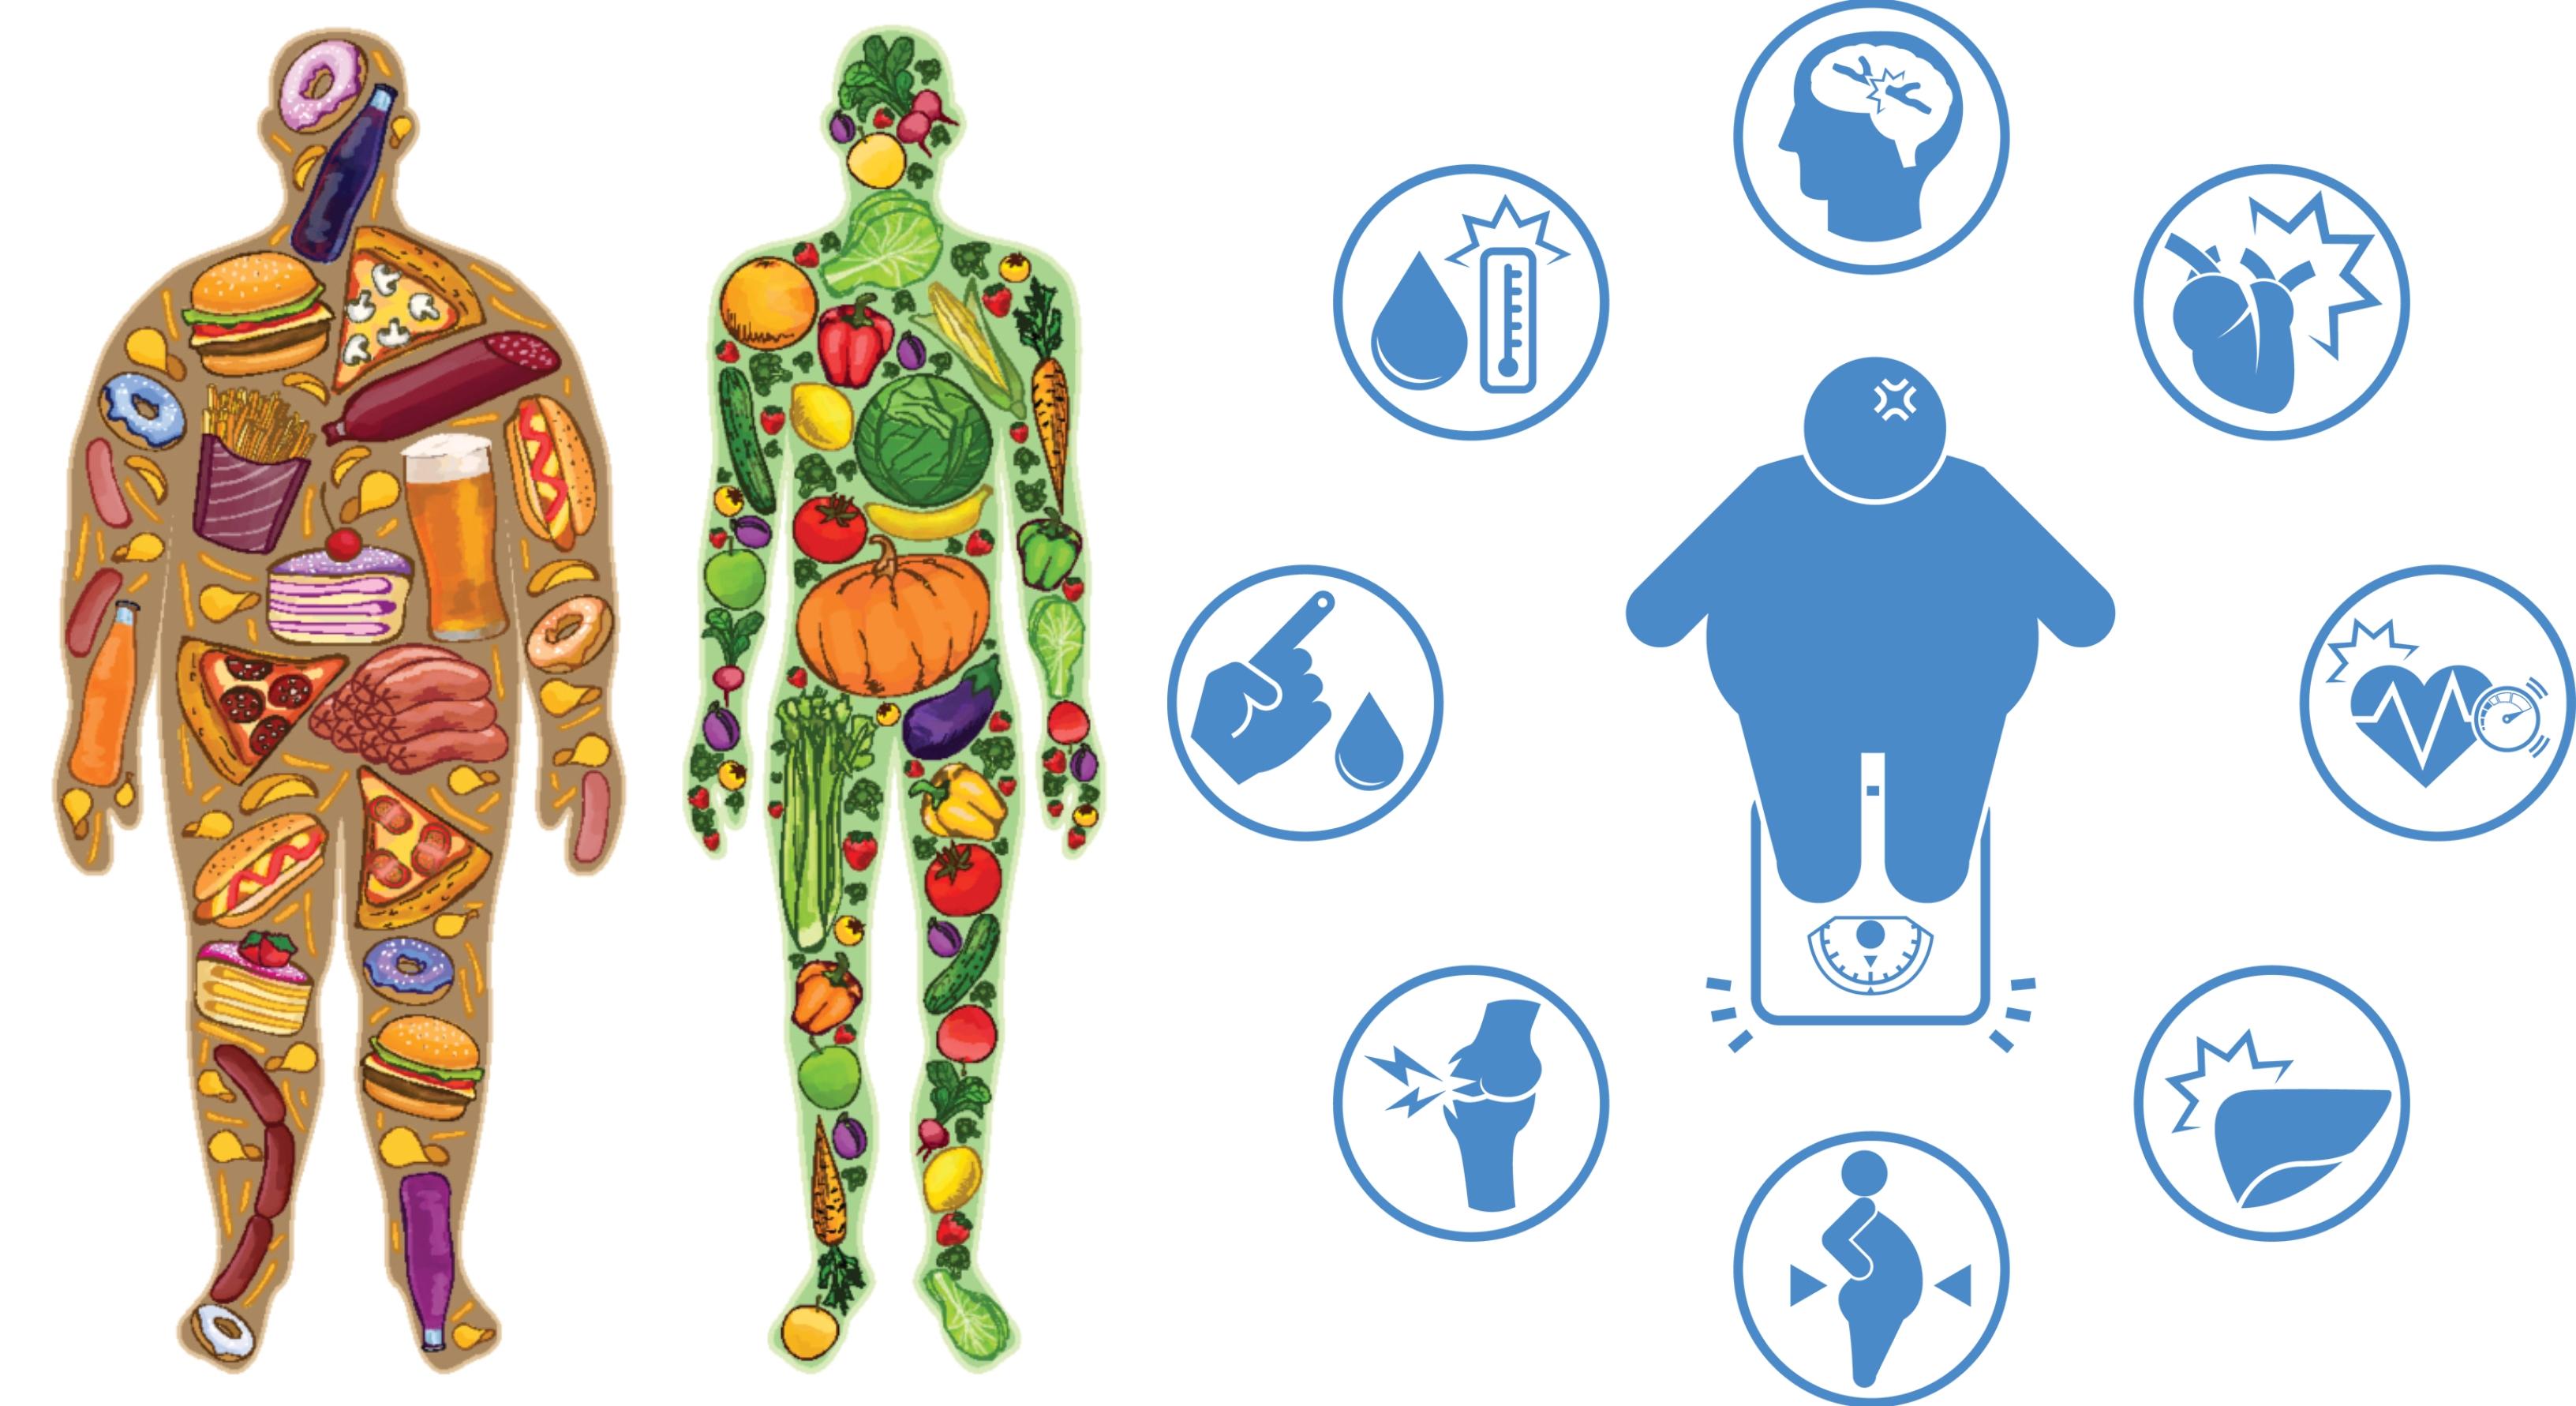 A leghatékonyabb módszer a fogyáshoz - Hogyan lehet lefogyni 55 éves korban?